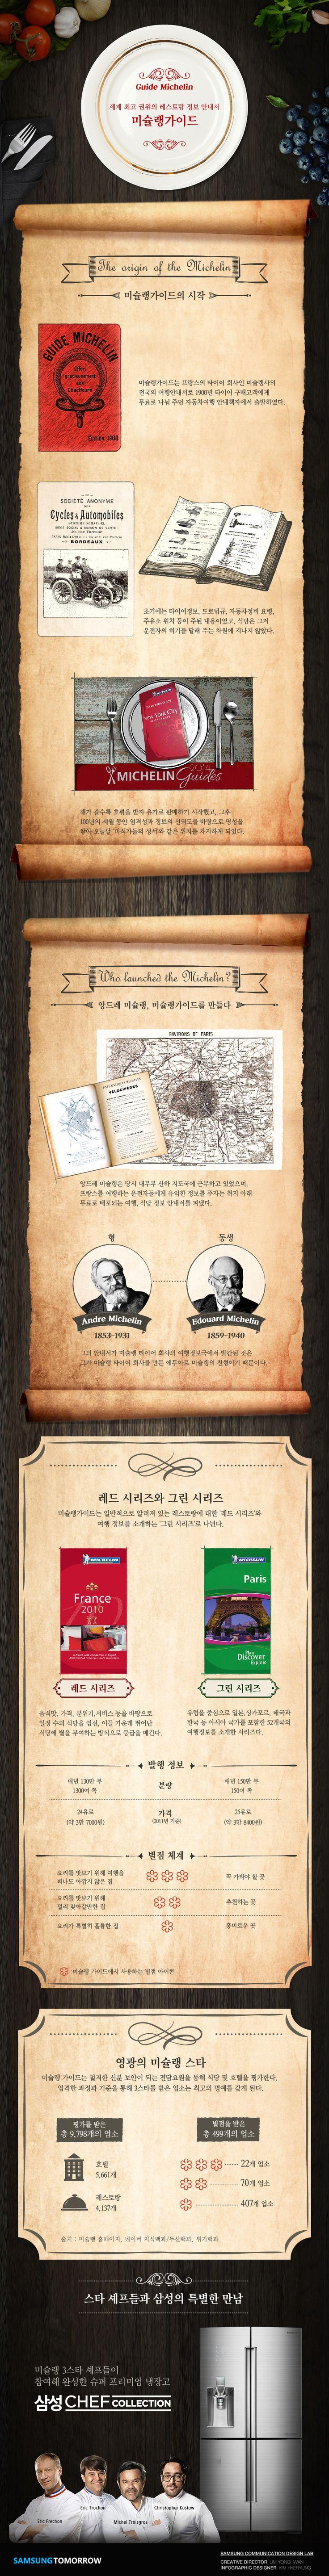 세계 최고 권위의 레스토랑 정보 안내서, 미슐랭가이드에 관한 인포그래픽